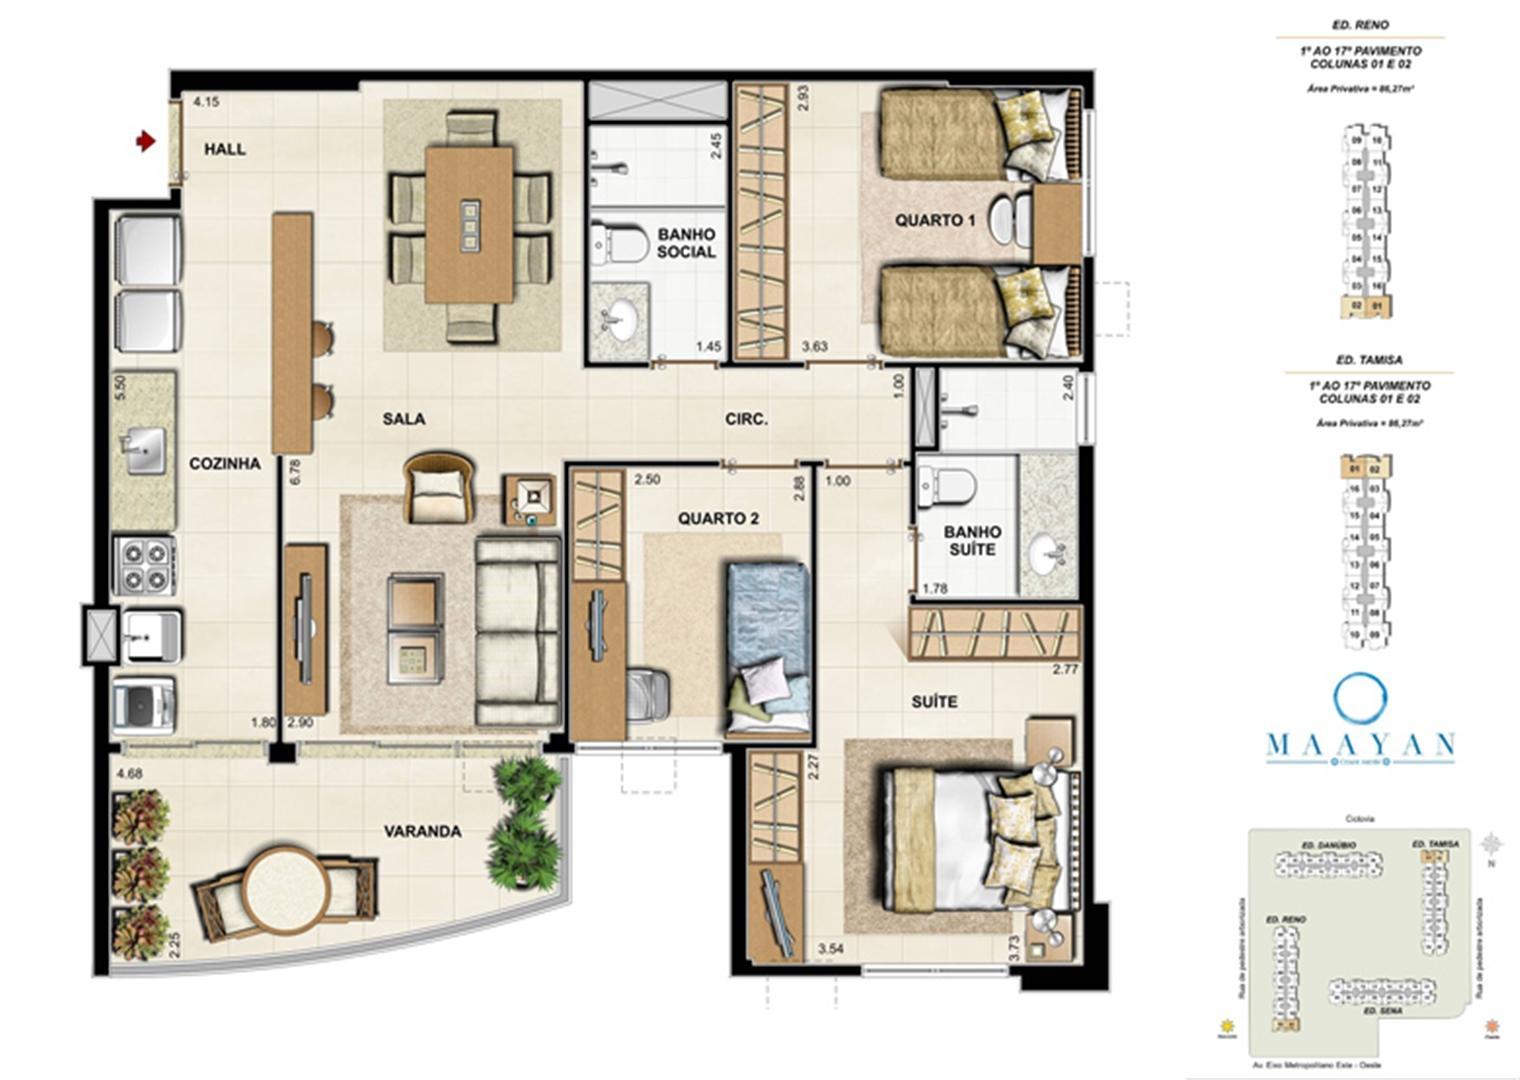 Planta tipo 3 quartos - Colunas 01 e 02 - Ed. Reno e Tamisa | Maayan – Apartamento no  Cidade Jardim - Rio de Janeiro - Rio de Janeiro